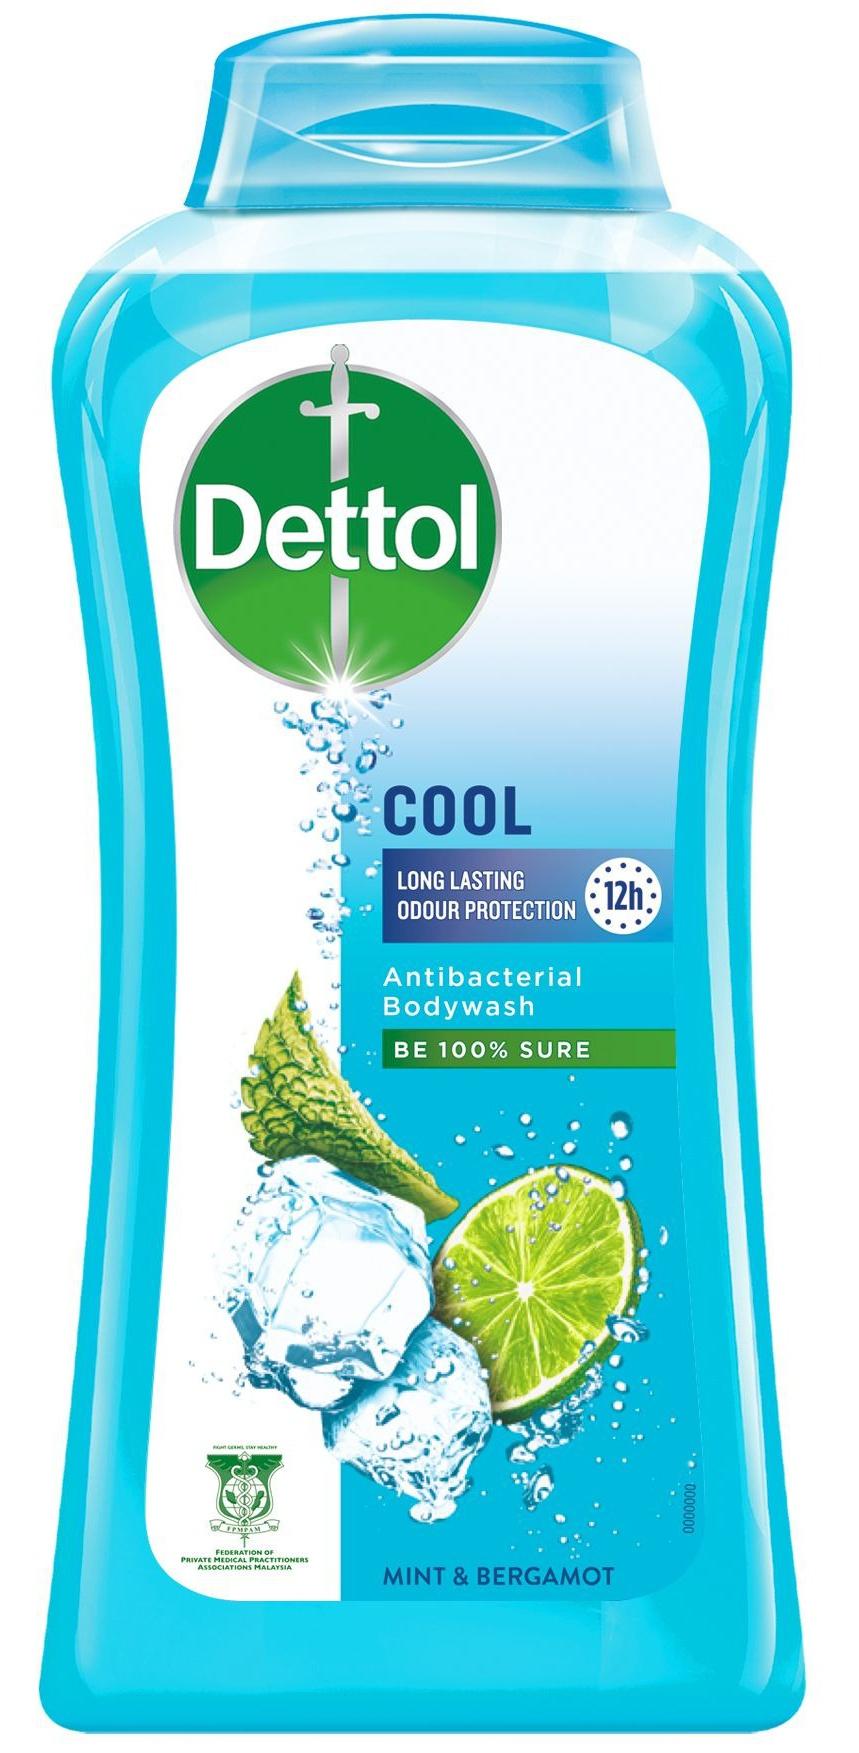 Dettol Cool Antibacterial Bodywash